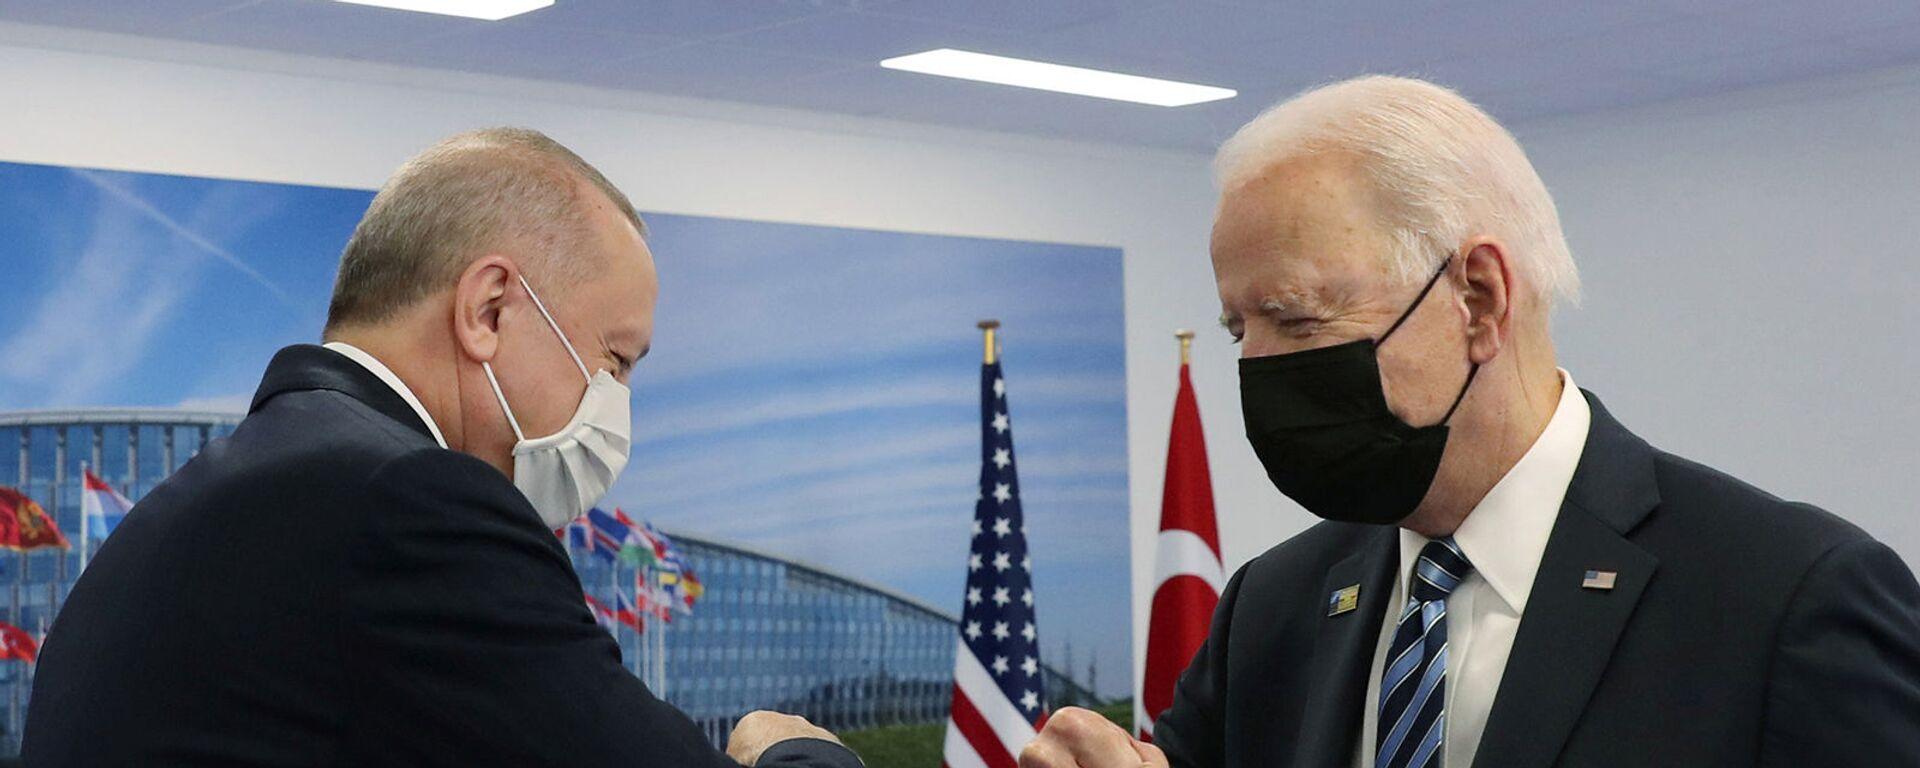 Президенты США и Турции Джо Байден и Реджеп Тайип Эрдоган здороваются во время встречи на полях саммита НАТО в Брюсселе (14 июня 2021). Бельгия - Sputnik Армения, 1920, 07.10.2021